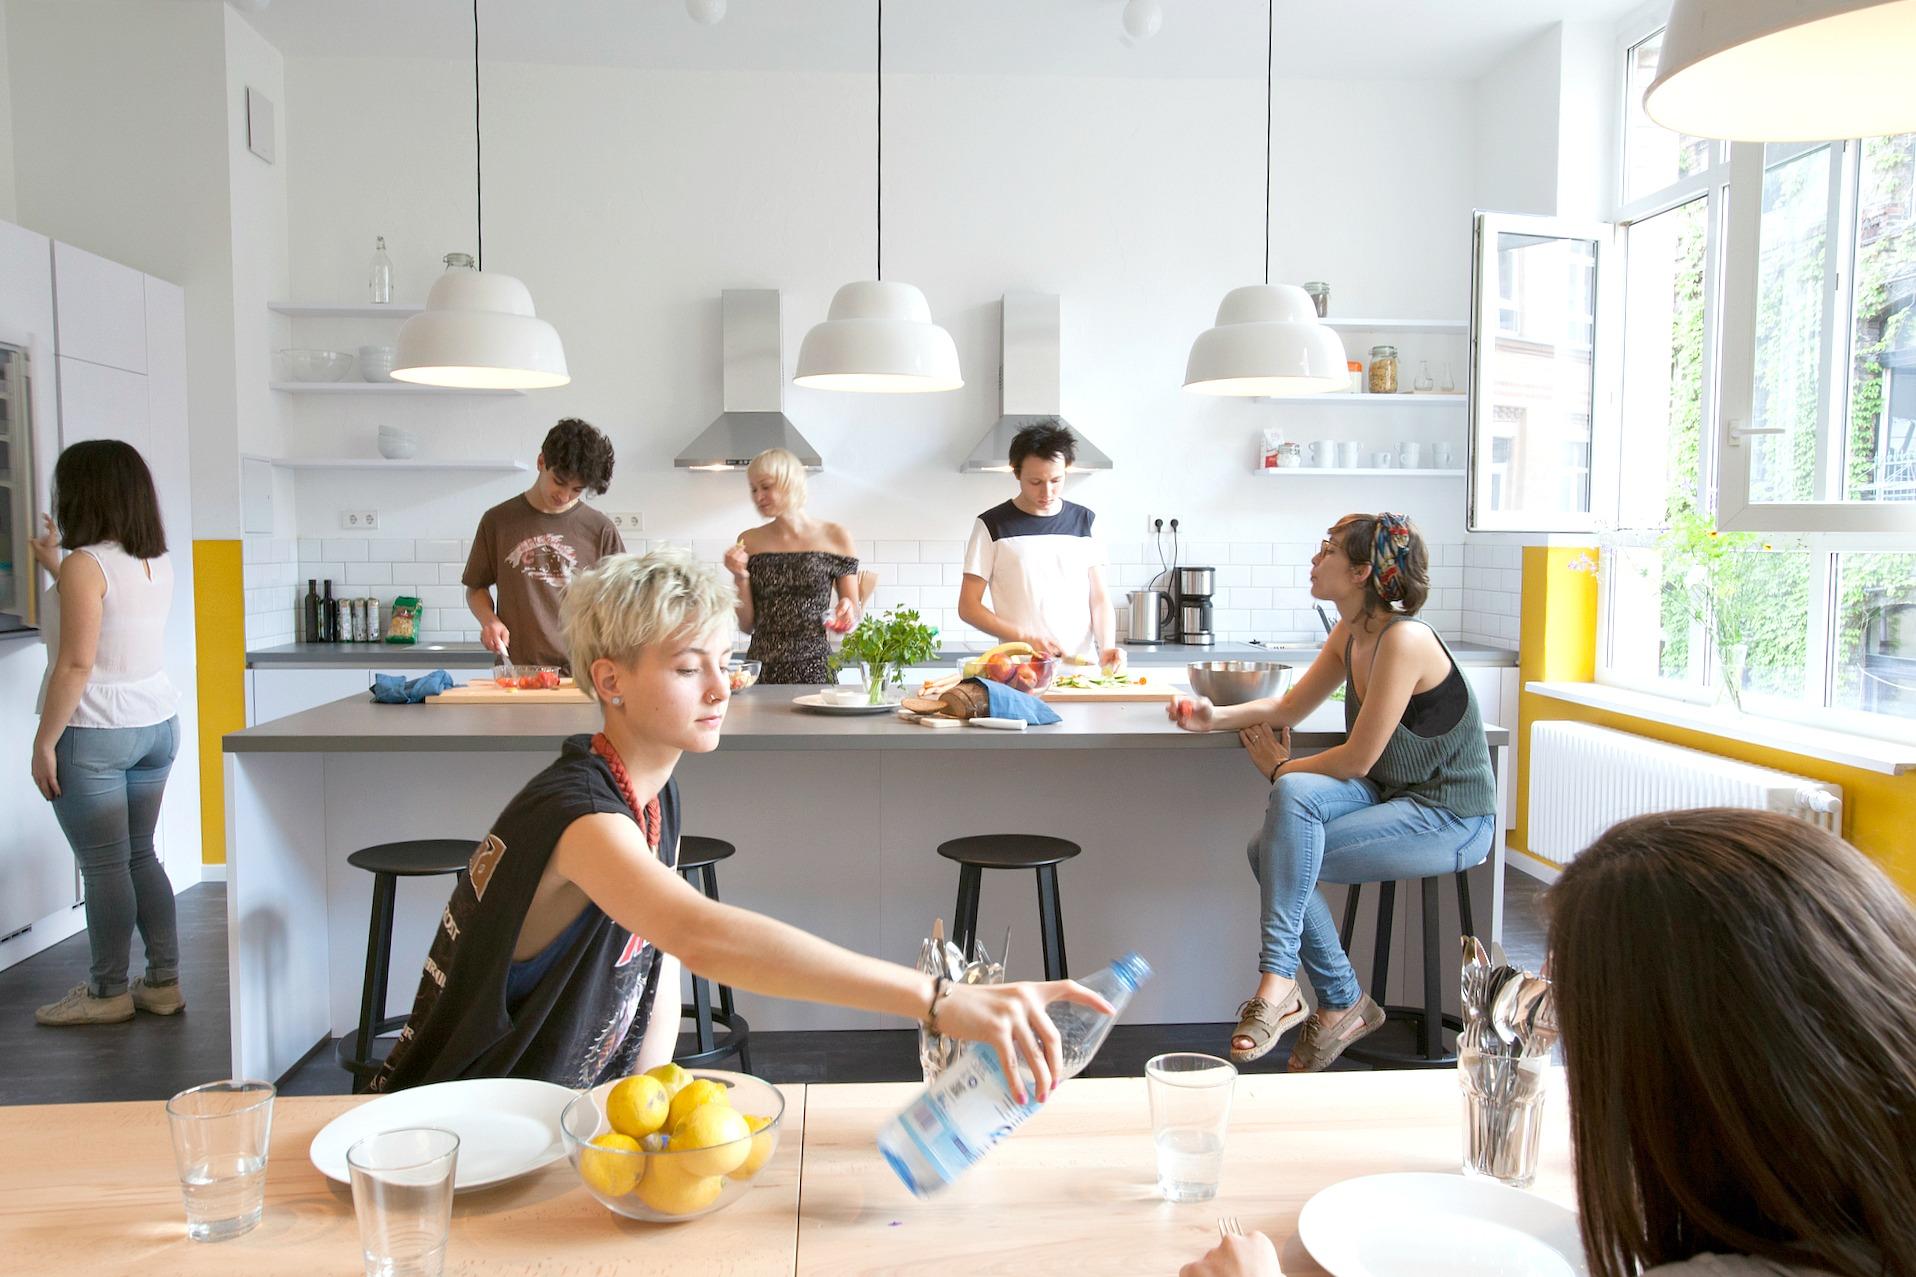 dorm-kitchen